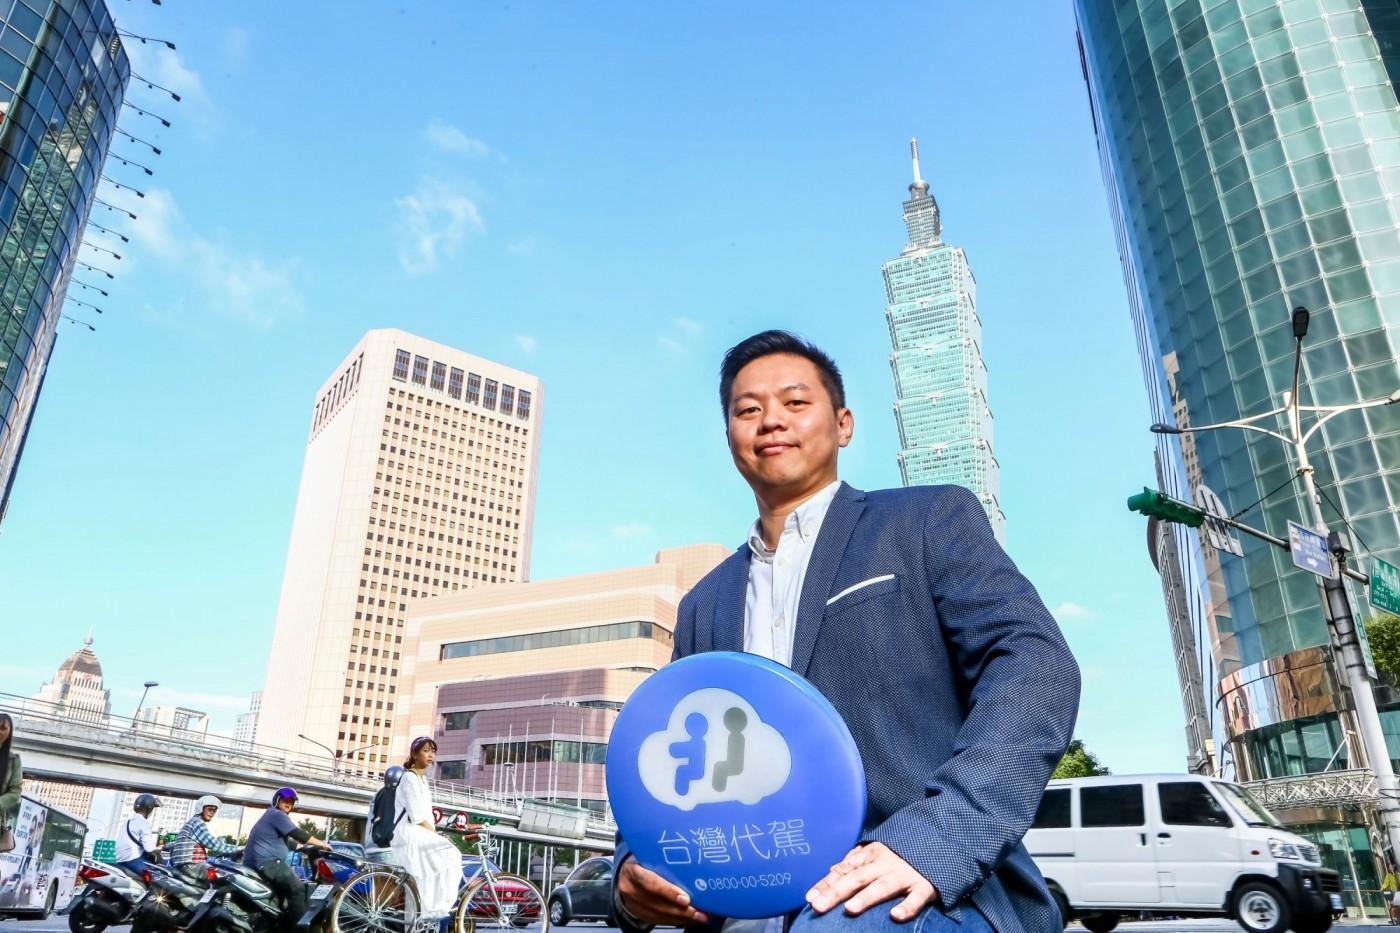 「藍色小燈箱」打進熱炒店!小新創拚百億代駕商機,讓台灣大車隊老董親上戰場